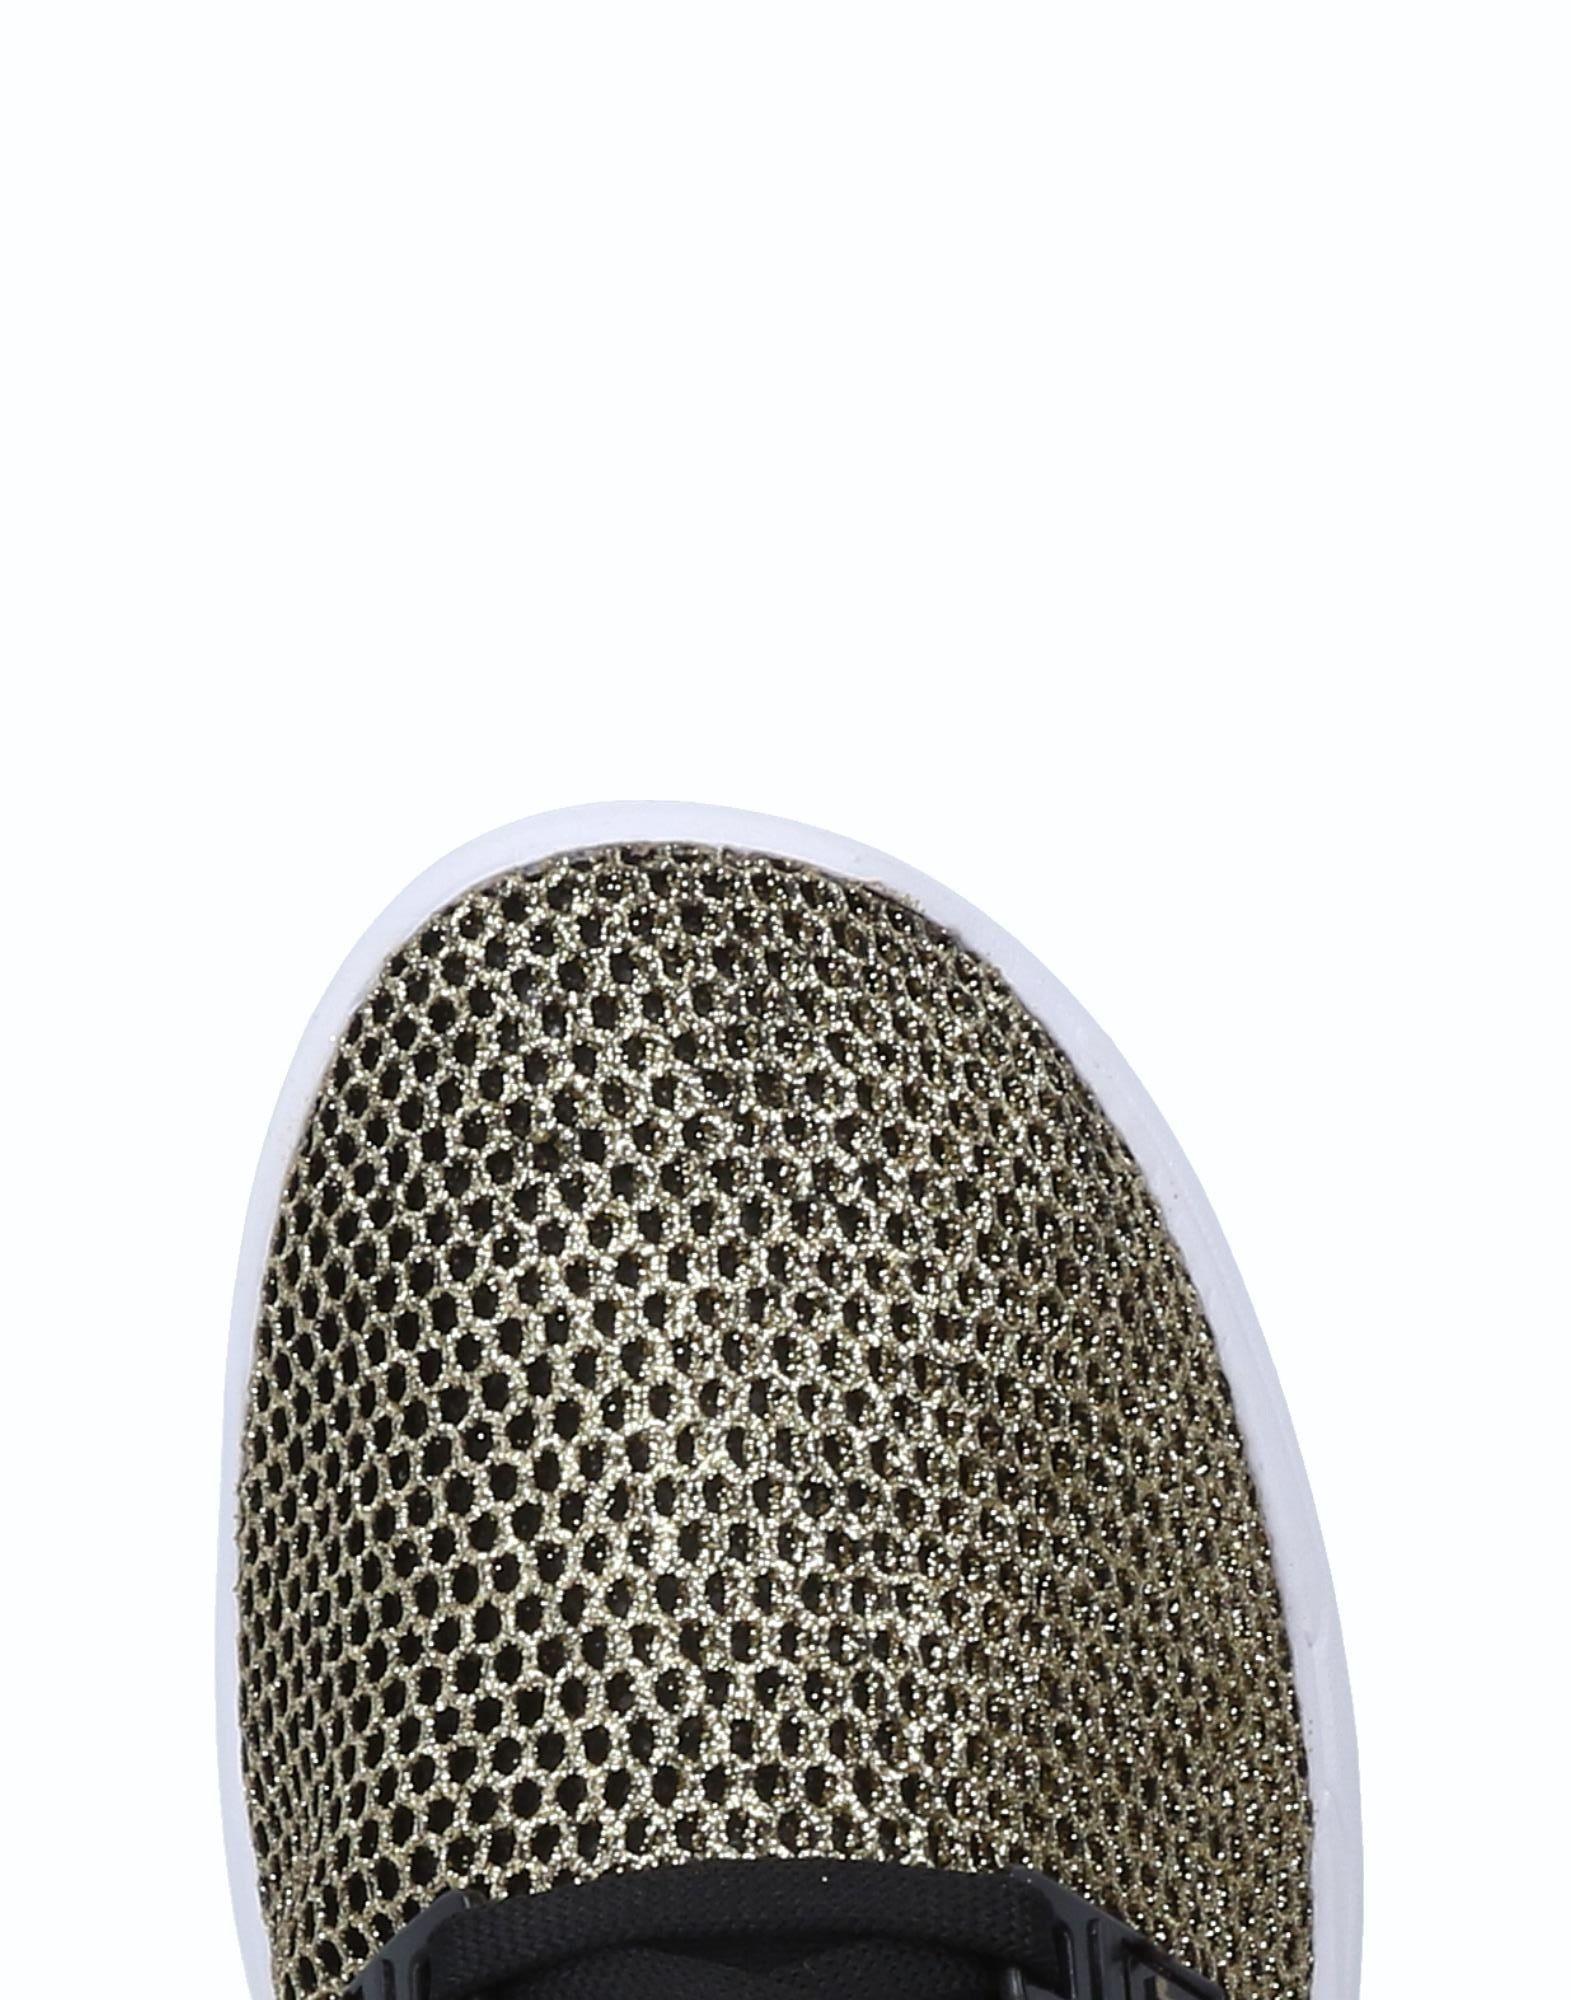 Plein Sport Sneakers - Women Plein Sport Sneakers Sneakers Sneakers online on  United Kingdom - 11508203JM 9bcd02